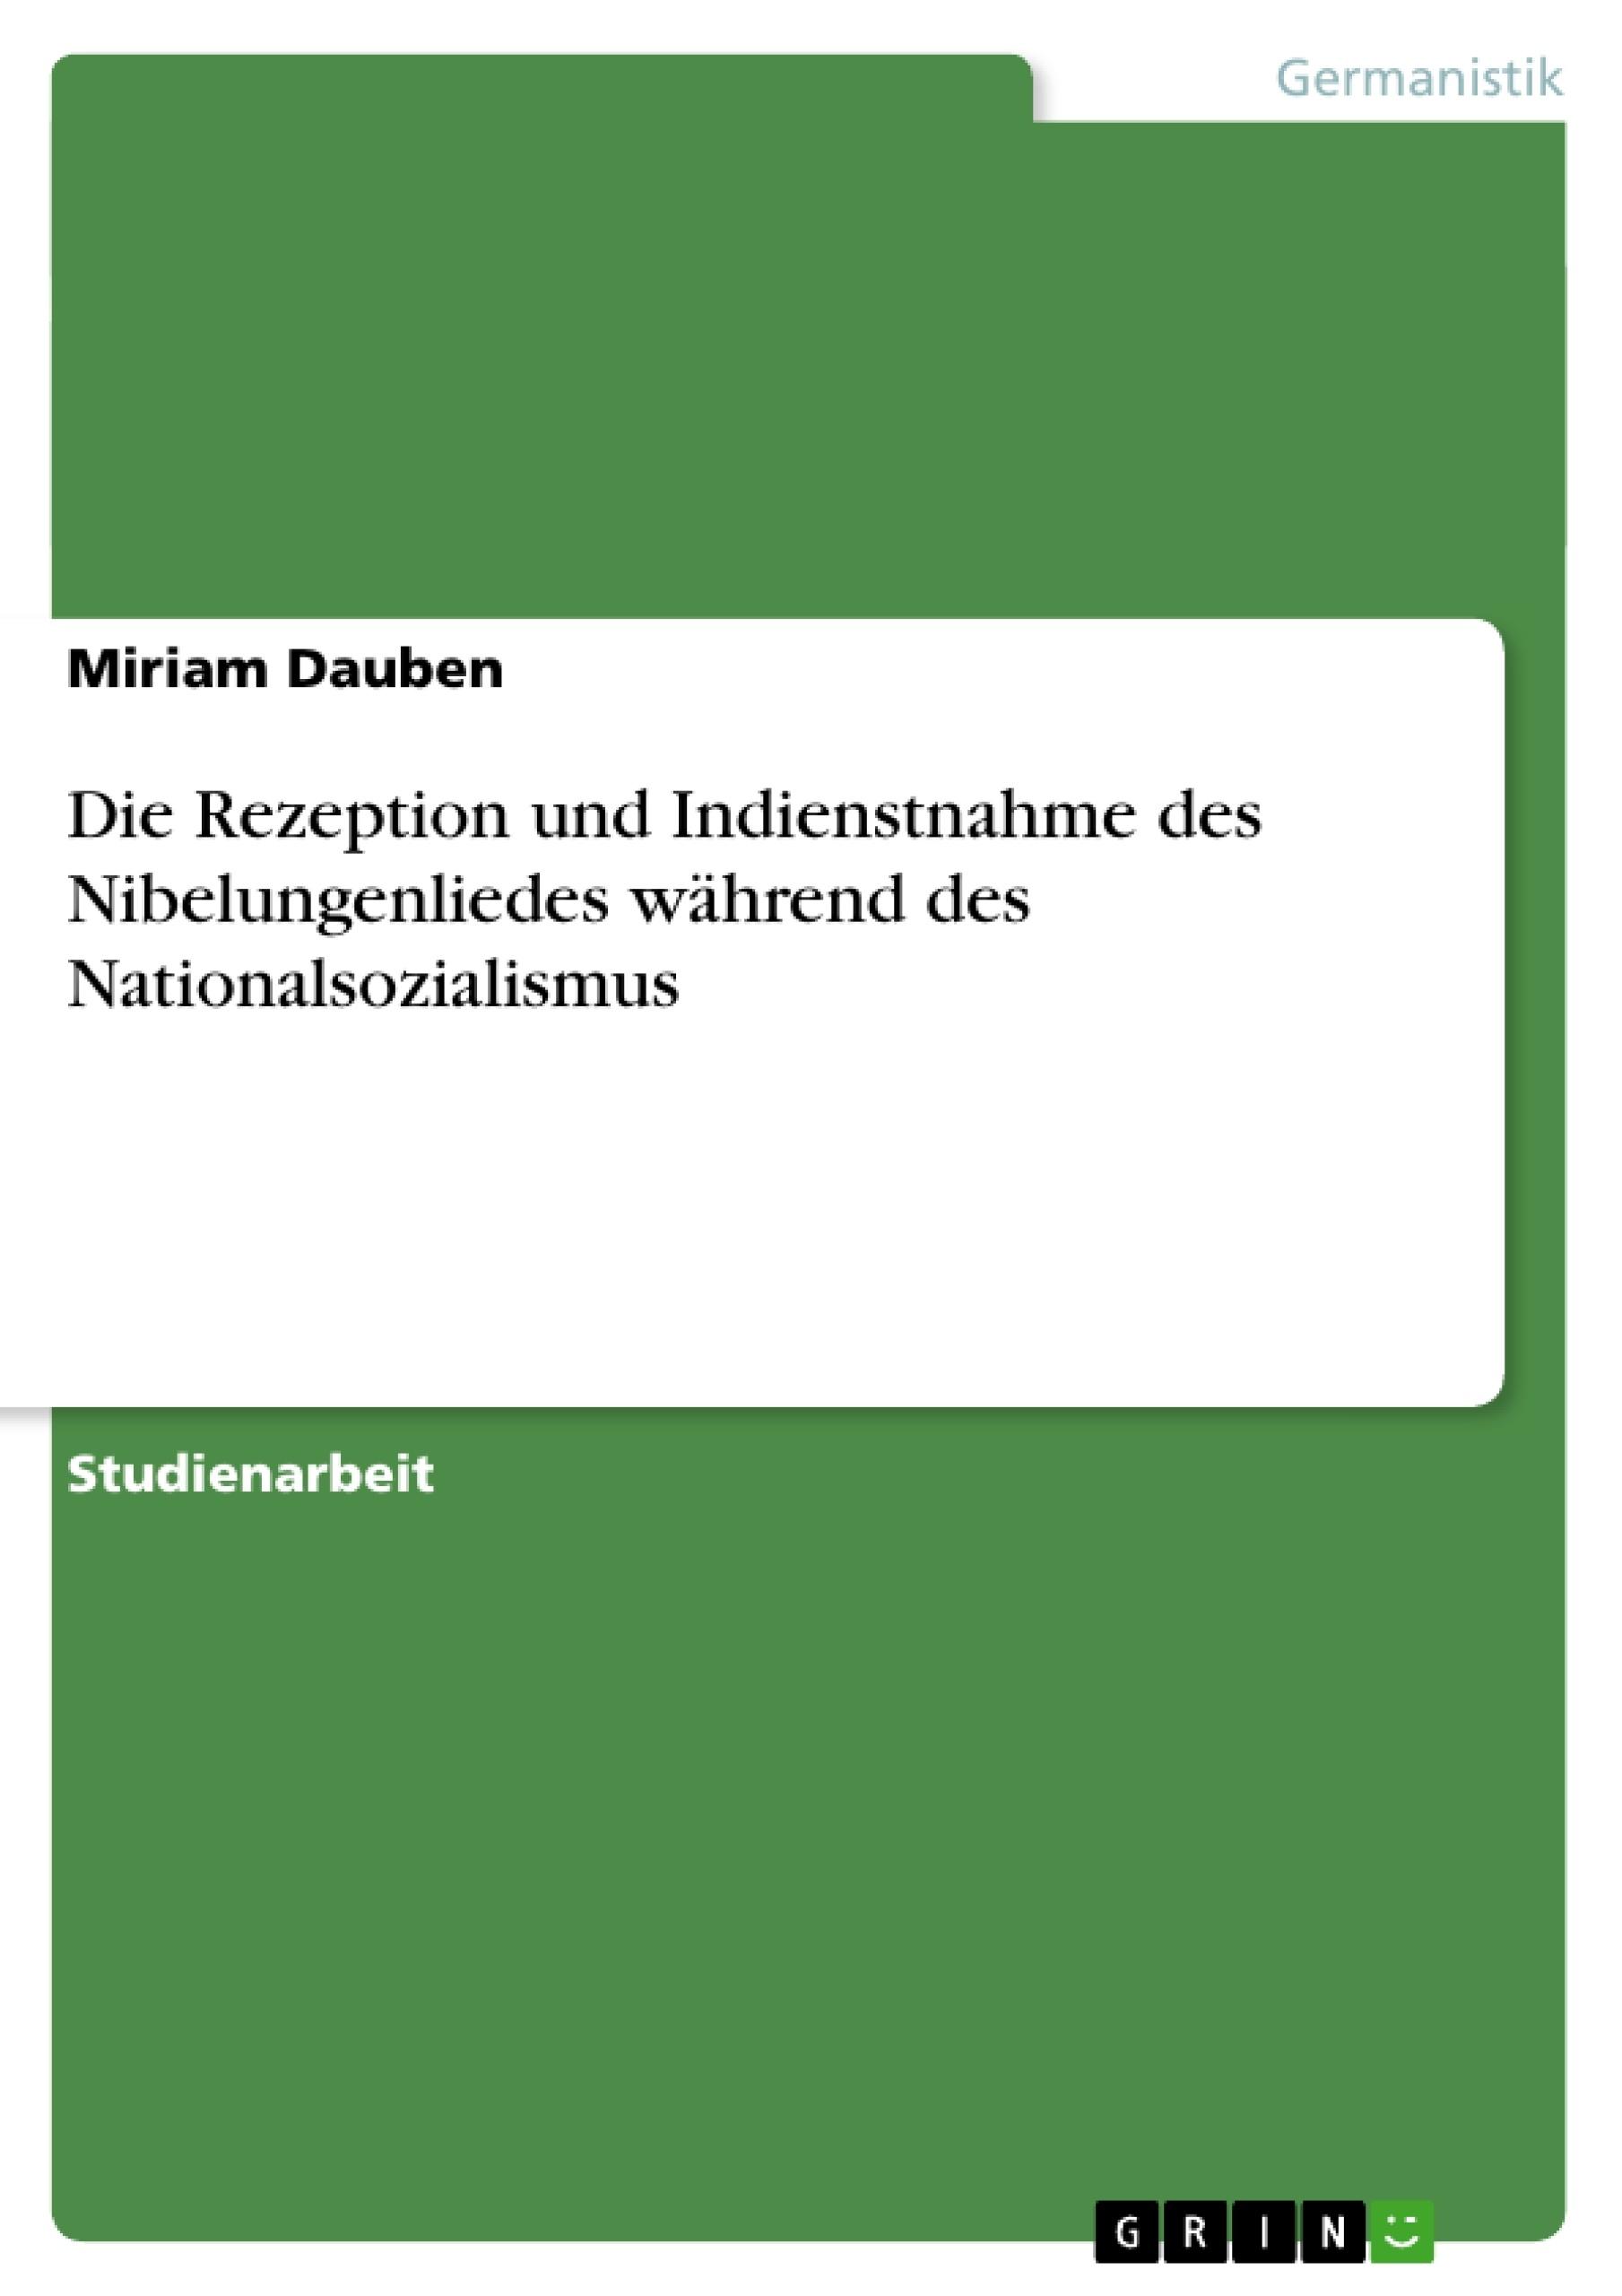 Titel: Die Rezeption und Indienstnahme des Nibelungenliedes während des Nationalsozialismus